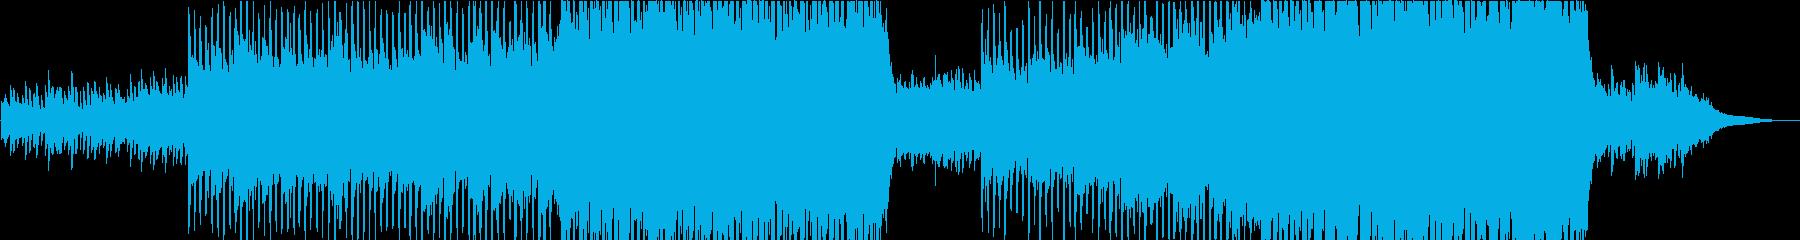 ピアノとストリングスの高揚感のある曲の再生済みの波形